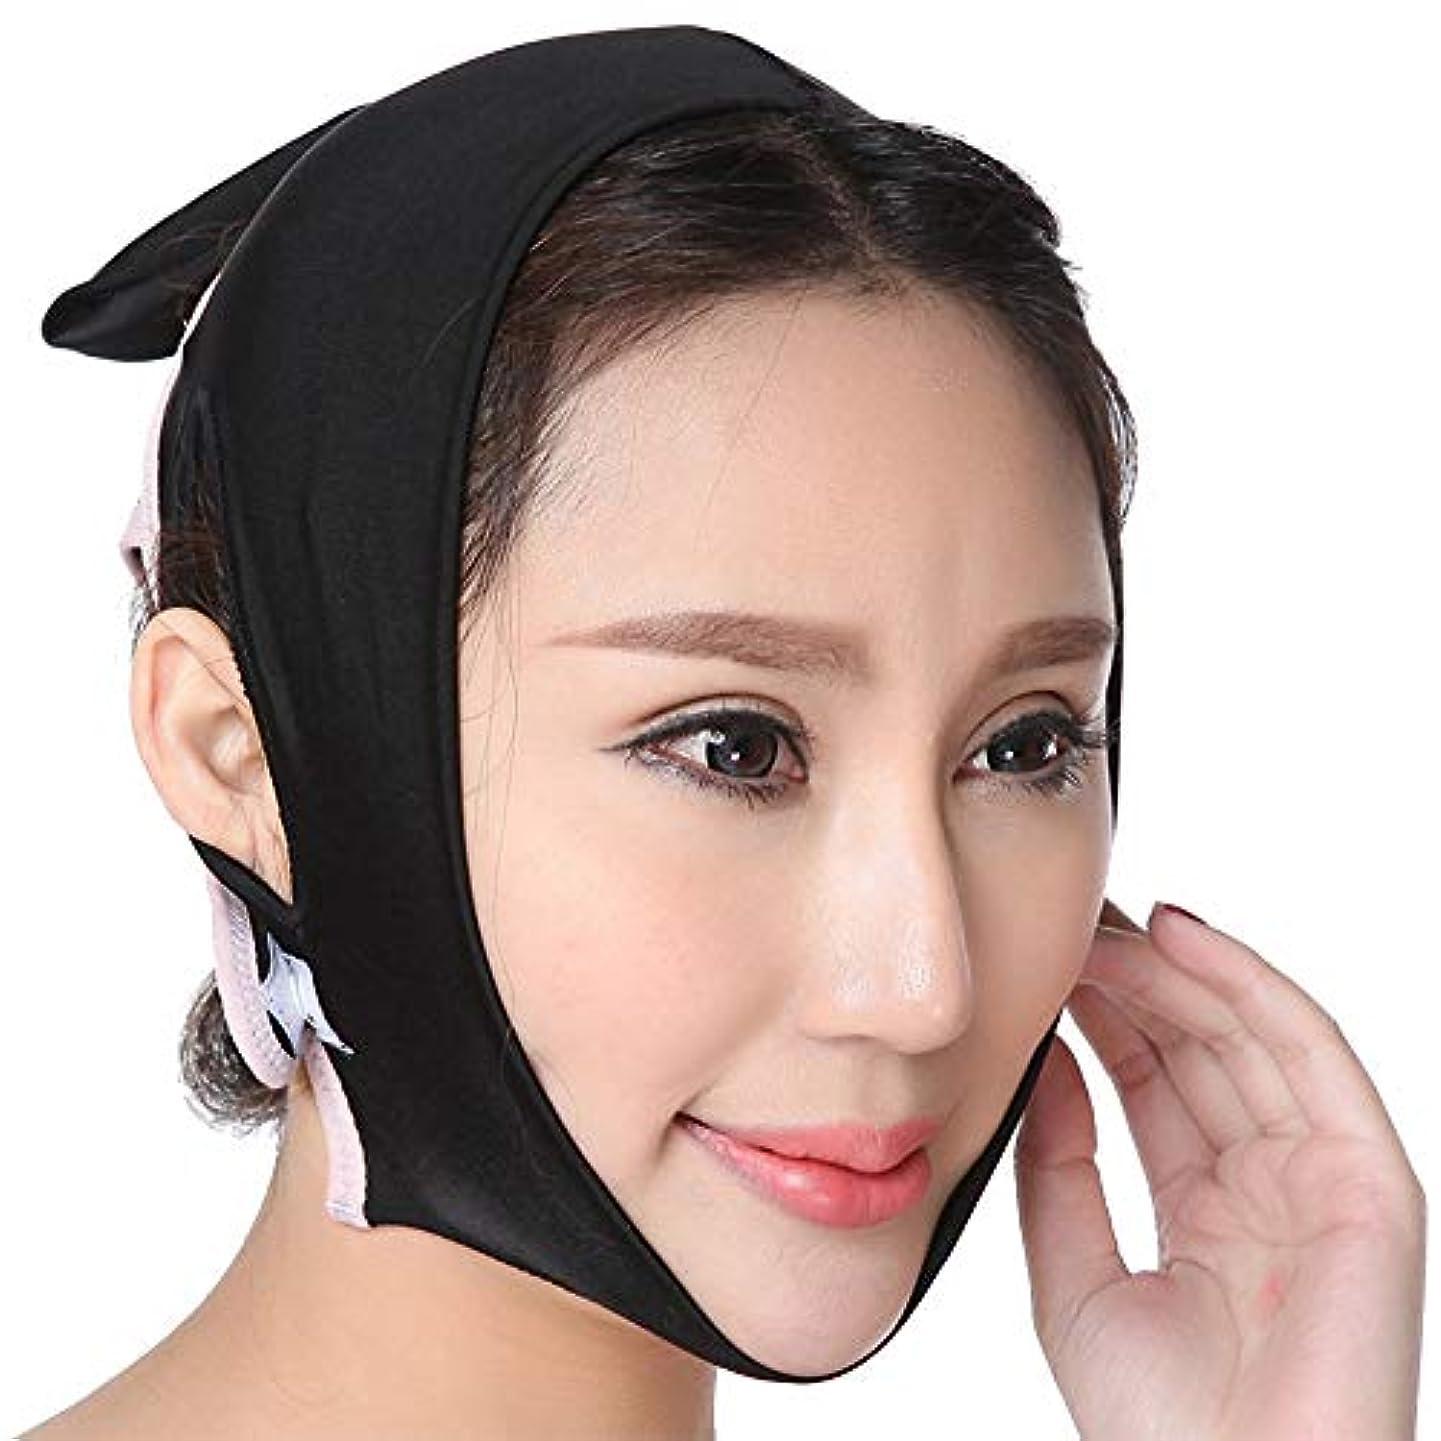 寝室を掃除する割り当て放散するフェイススリミングチークマスク、フェイススリムマスク、フェイシャルチークVシェイプリフトアップシンマスクストラップフェイスラインアンチリンクルビューティーツールダブルチン